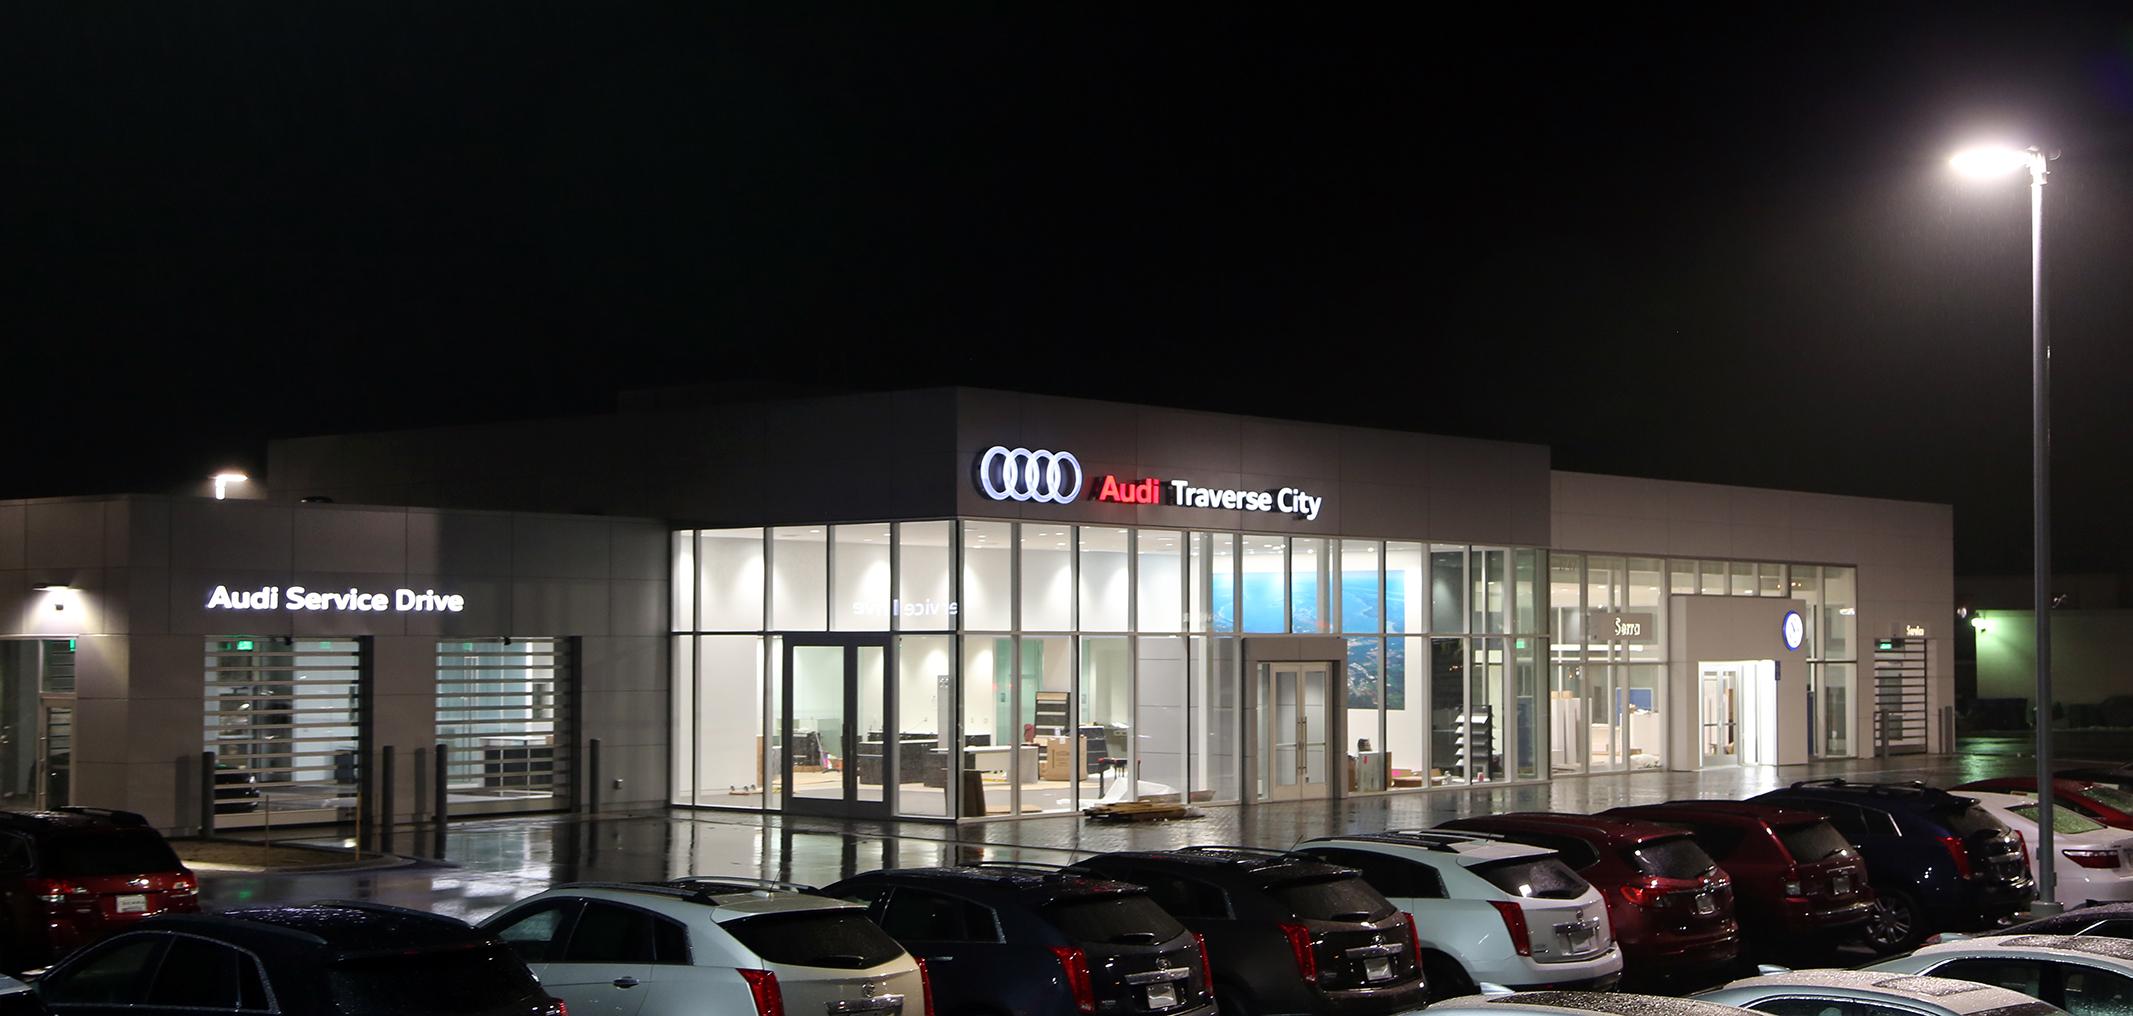 Serra-Audi-VW-Bldg-2-19-18-(2).jpg